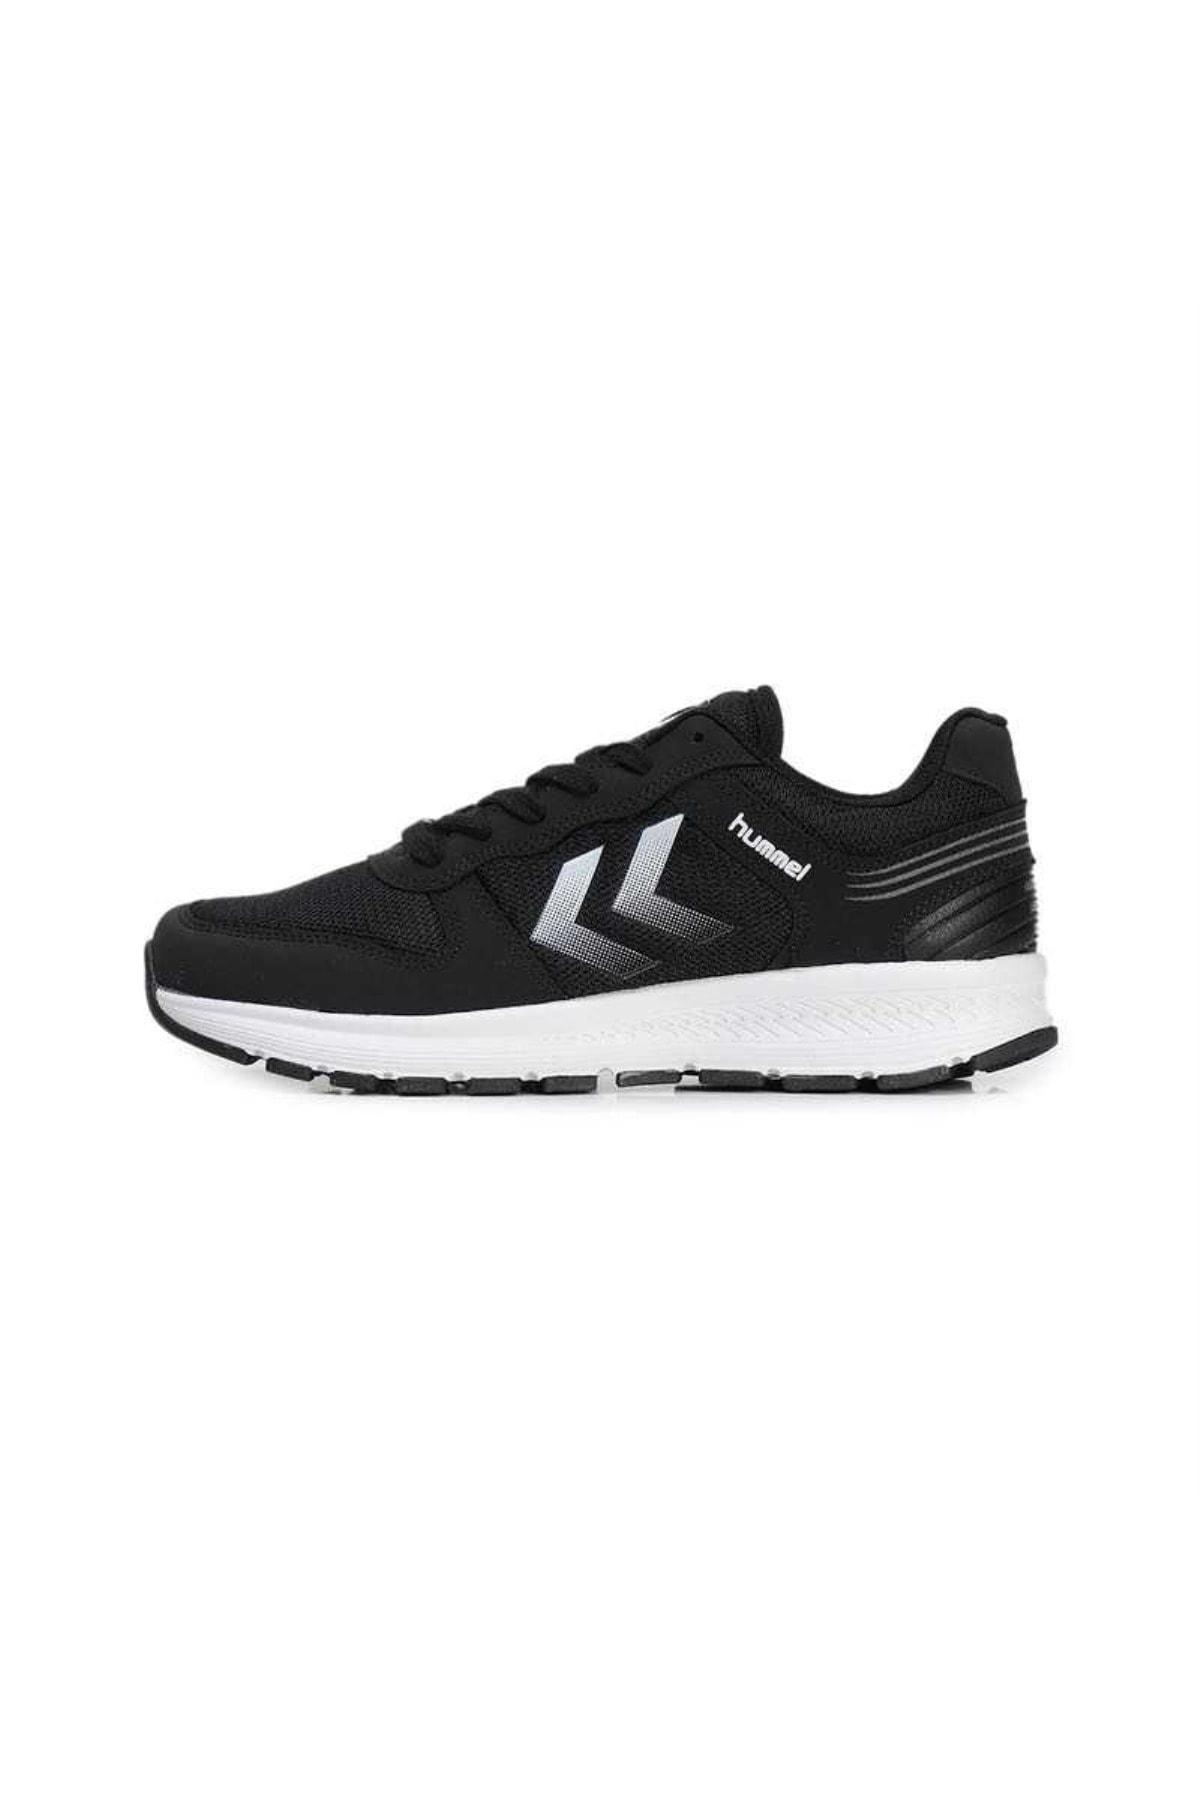 HUMMEL PORTER-1 Siyah Kadın Koşu Ayakkabısı 100551098 1